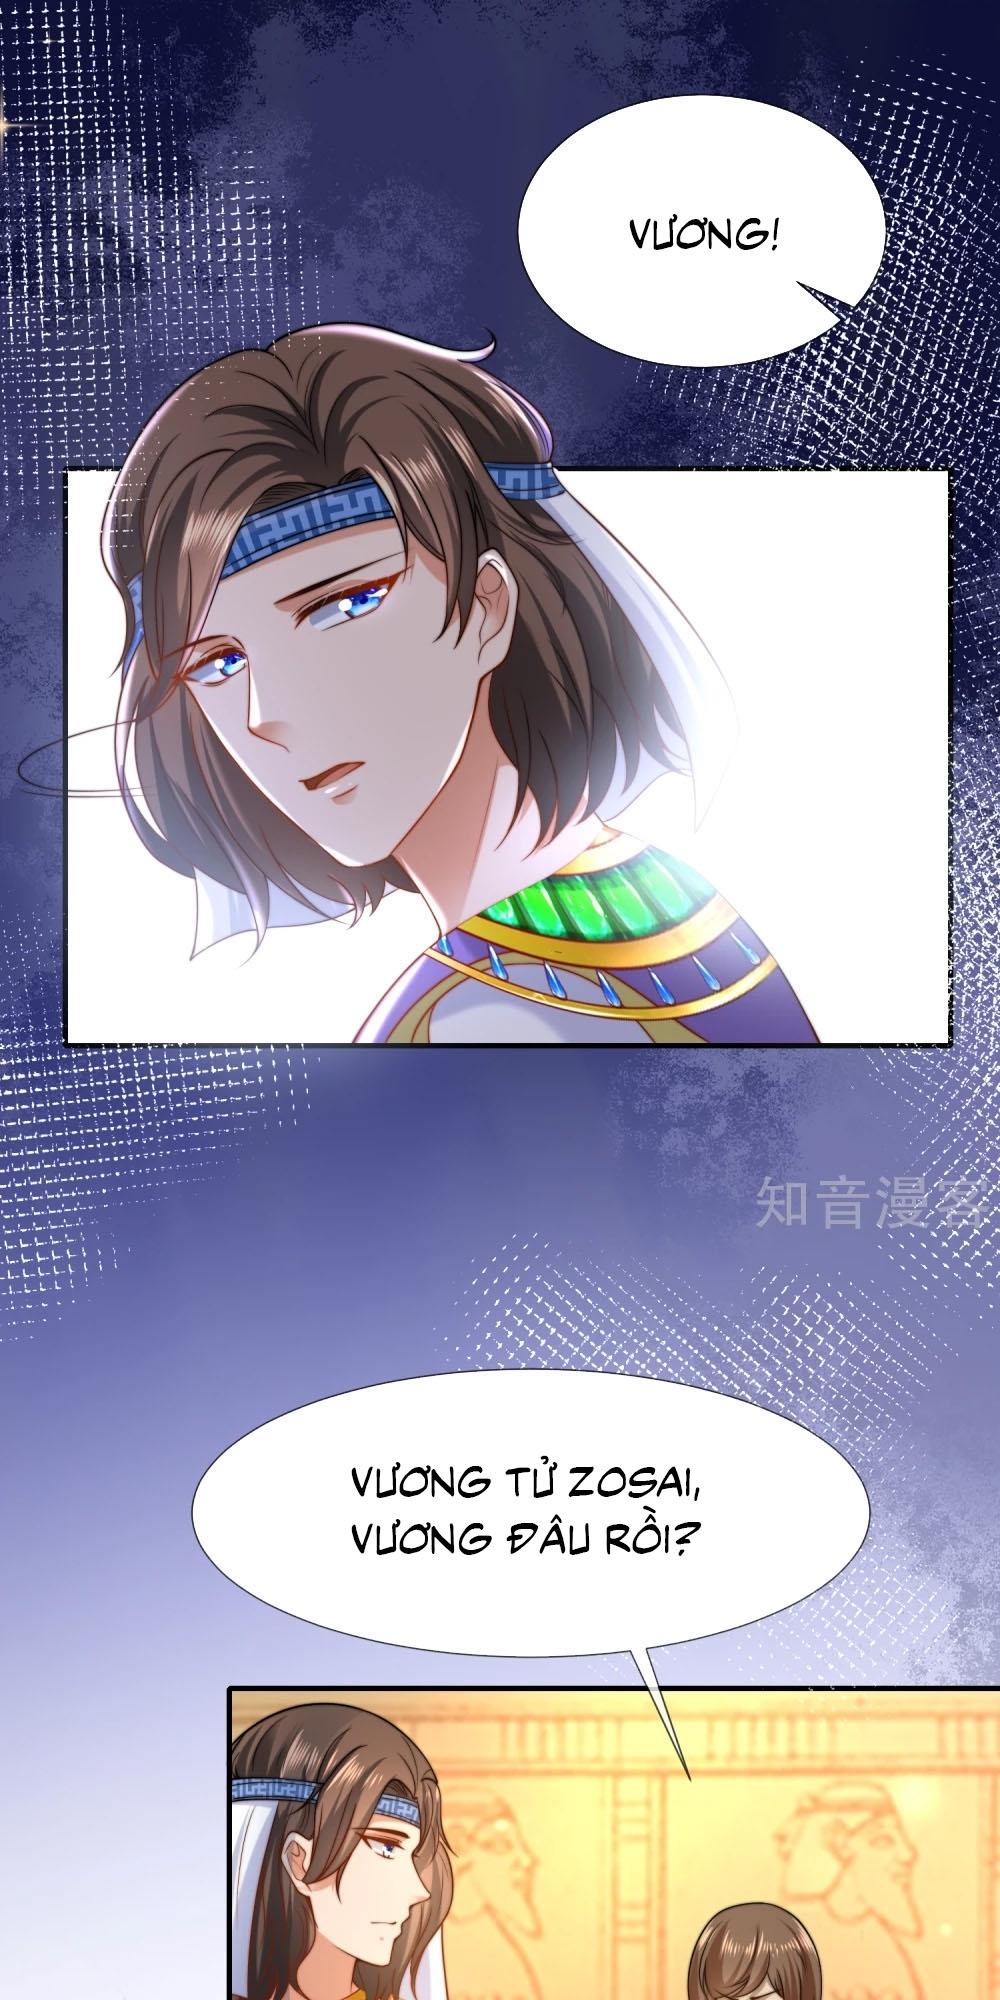 Sủng Hậu Của Vương chap 30 - Trang 10